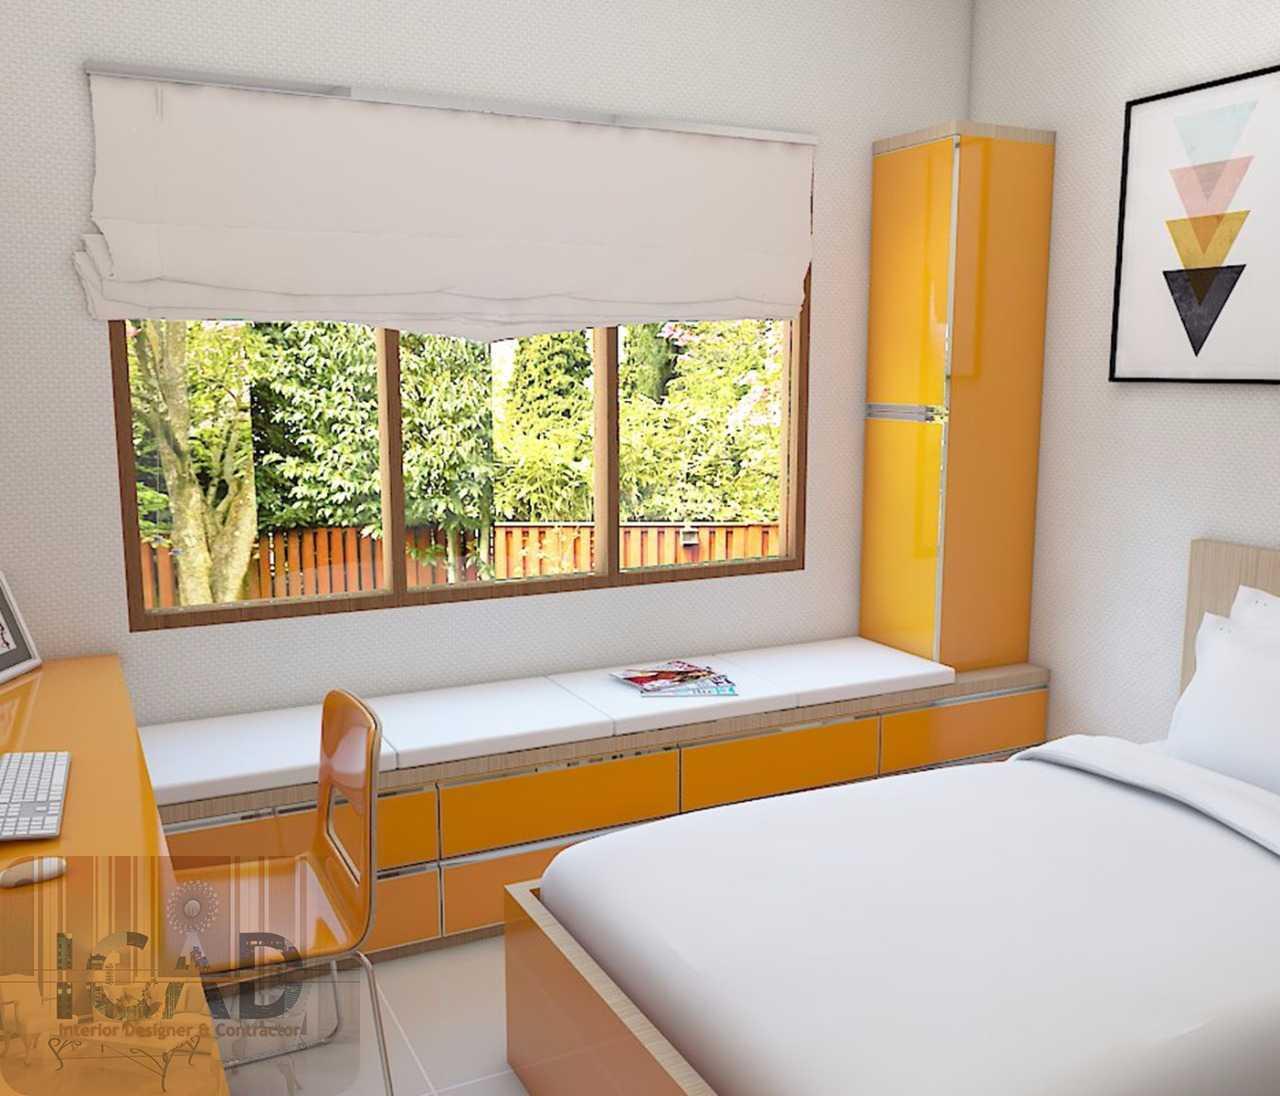 Irsyad a gani kamar set minimalist jakarta daerah khusus ibukota jakarta indonesia jakarta